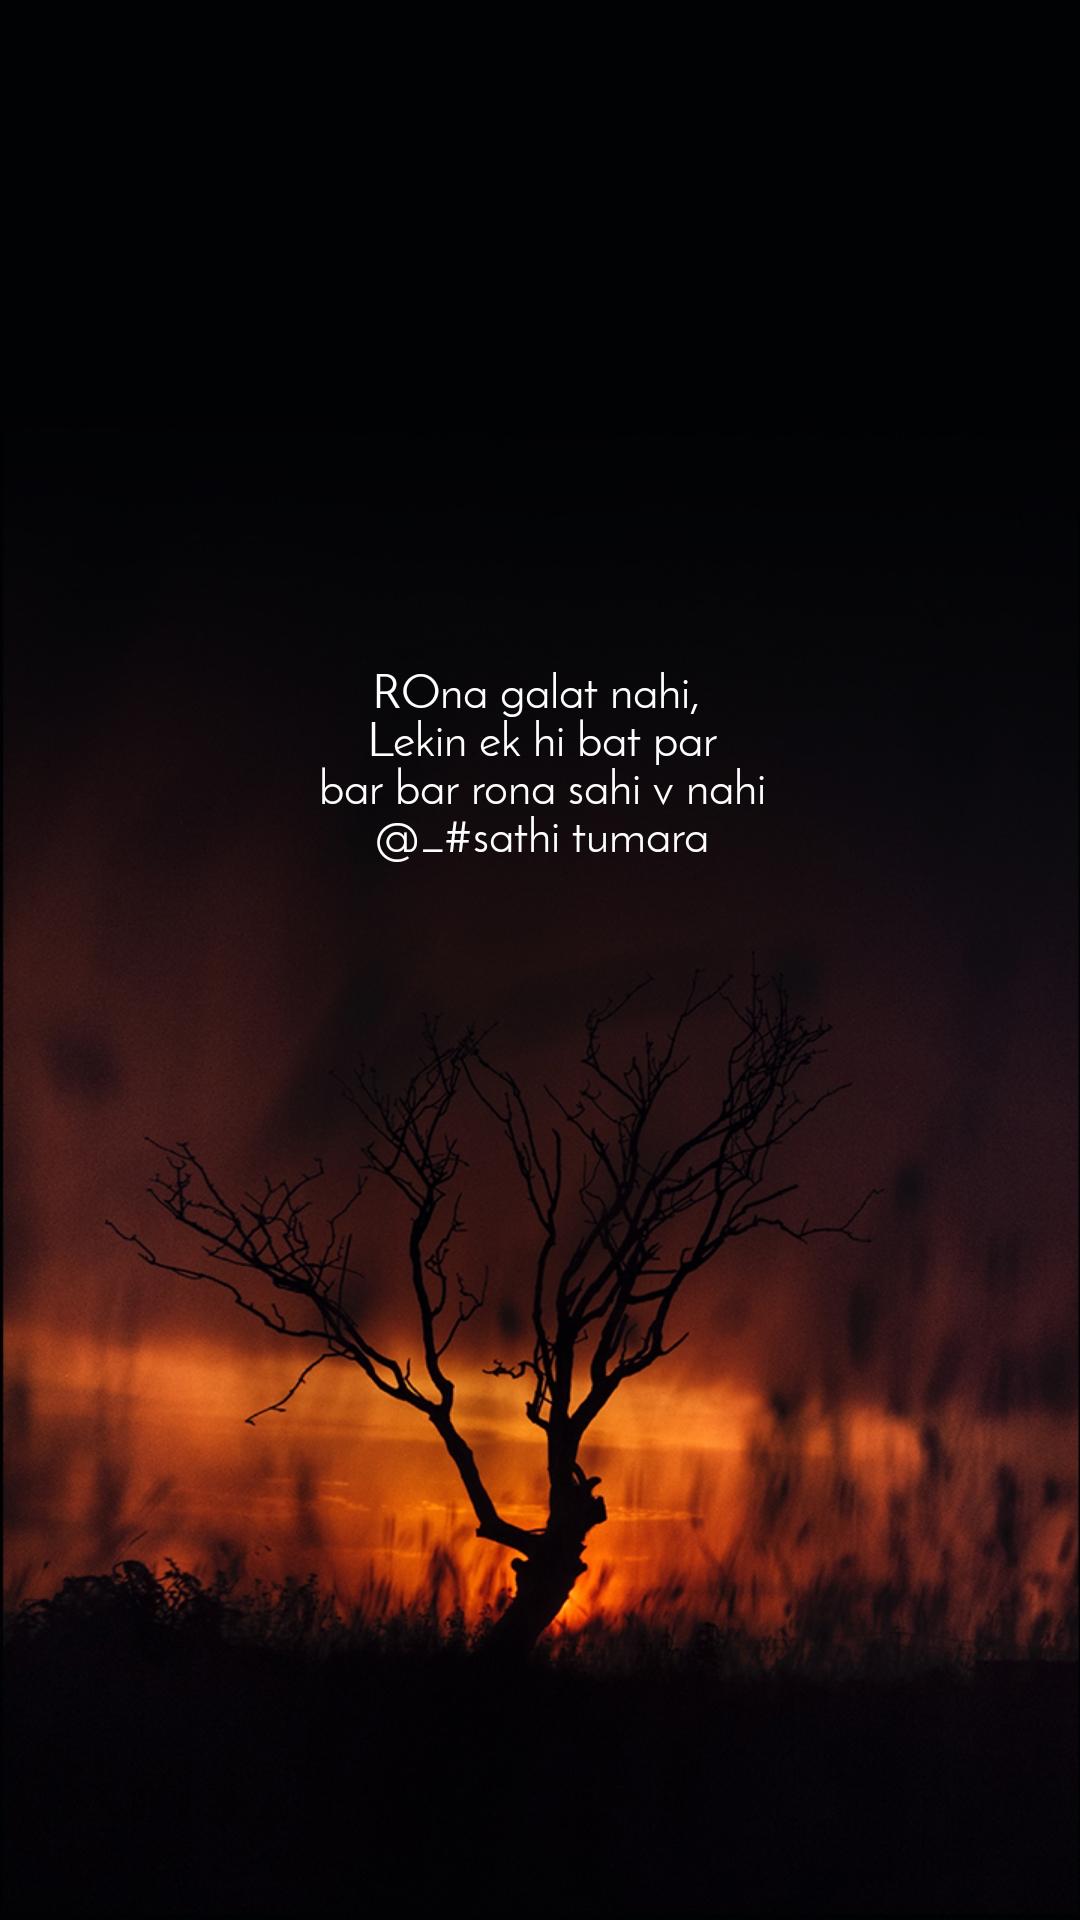 ROna galat nahi,  Lekin ek hi bat par bar bar rona sahi v nahi @_#sathi tumara